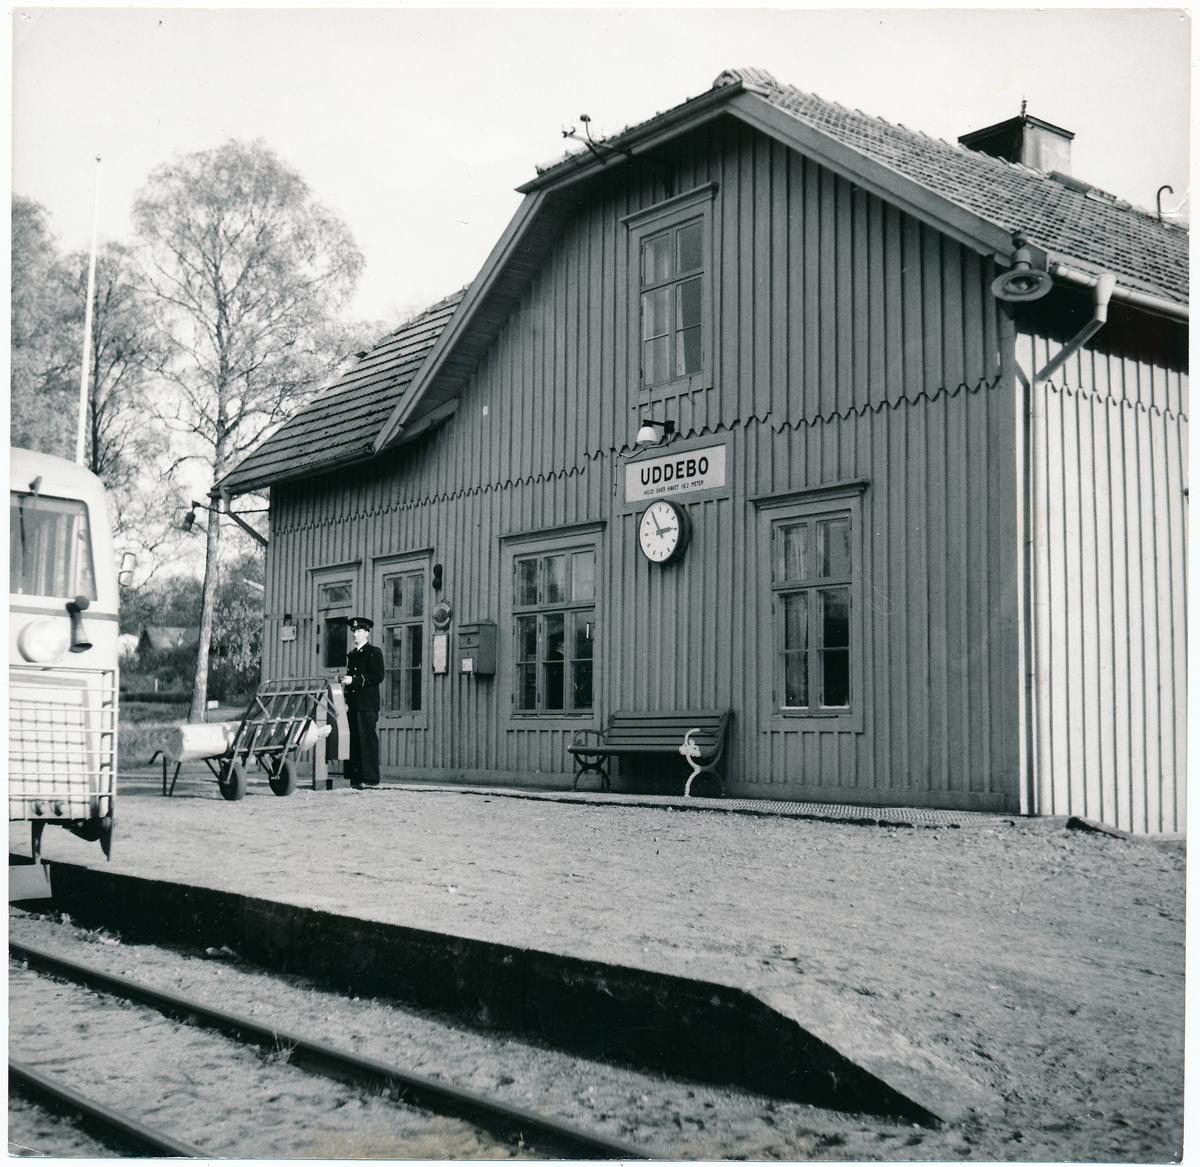 Uddebo station, konduktör Sten Järneberg, nedläggning av Falkenberg-Limmared 1/11 1959-16/12 1960